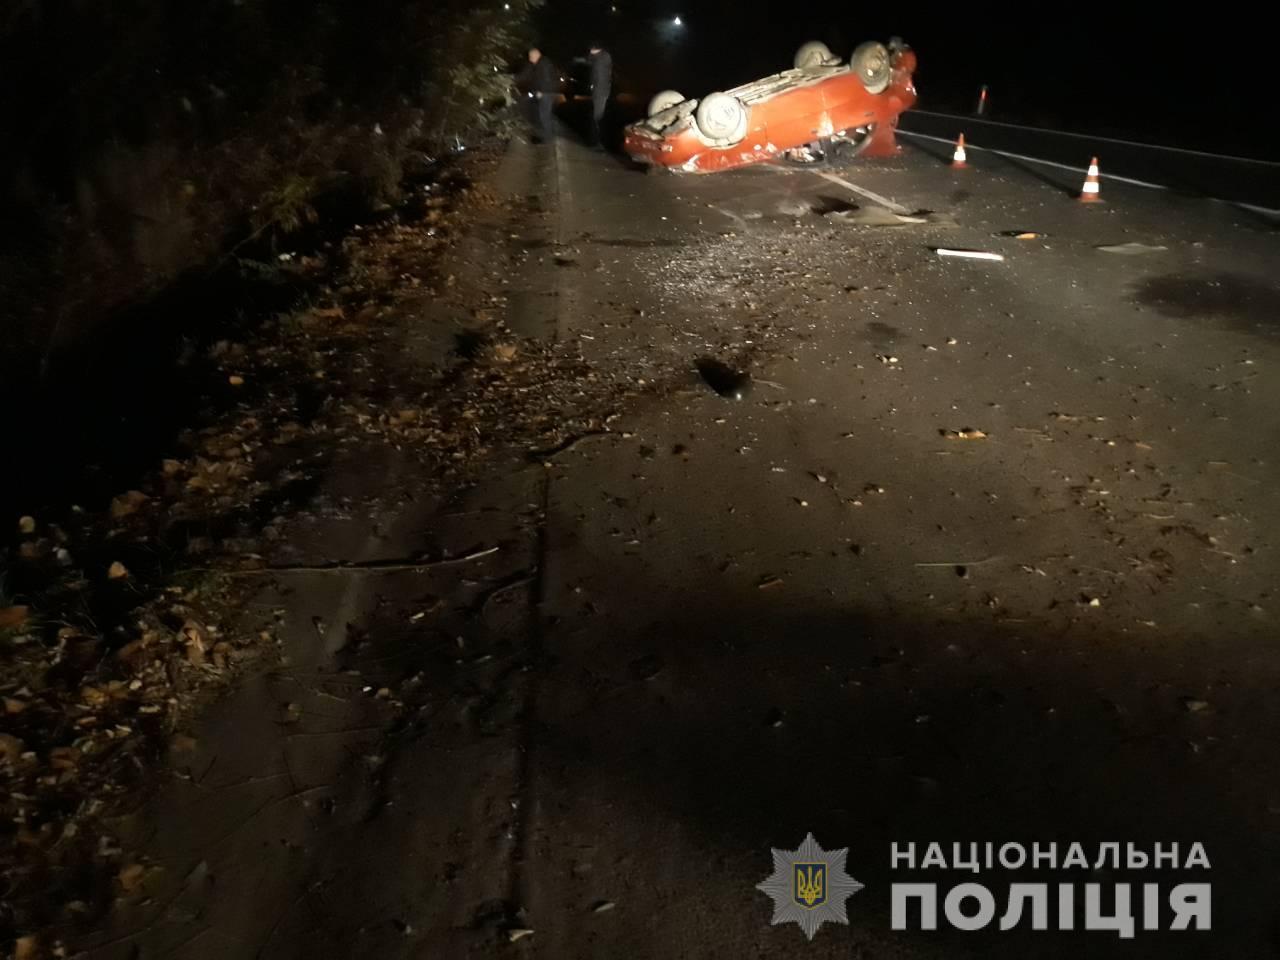 Водій, який ввечері, 10 листопада, скоїв ДТП на об'їзній Ужгорода, був п'яним